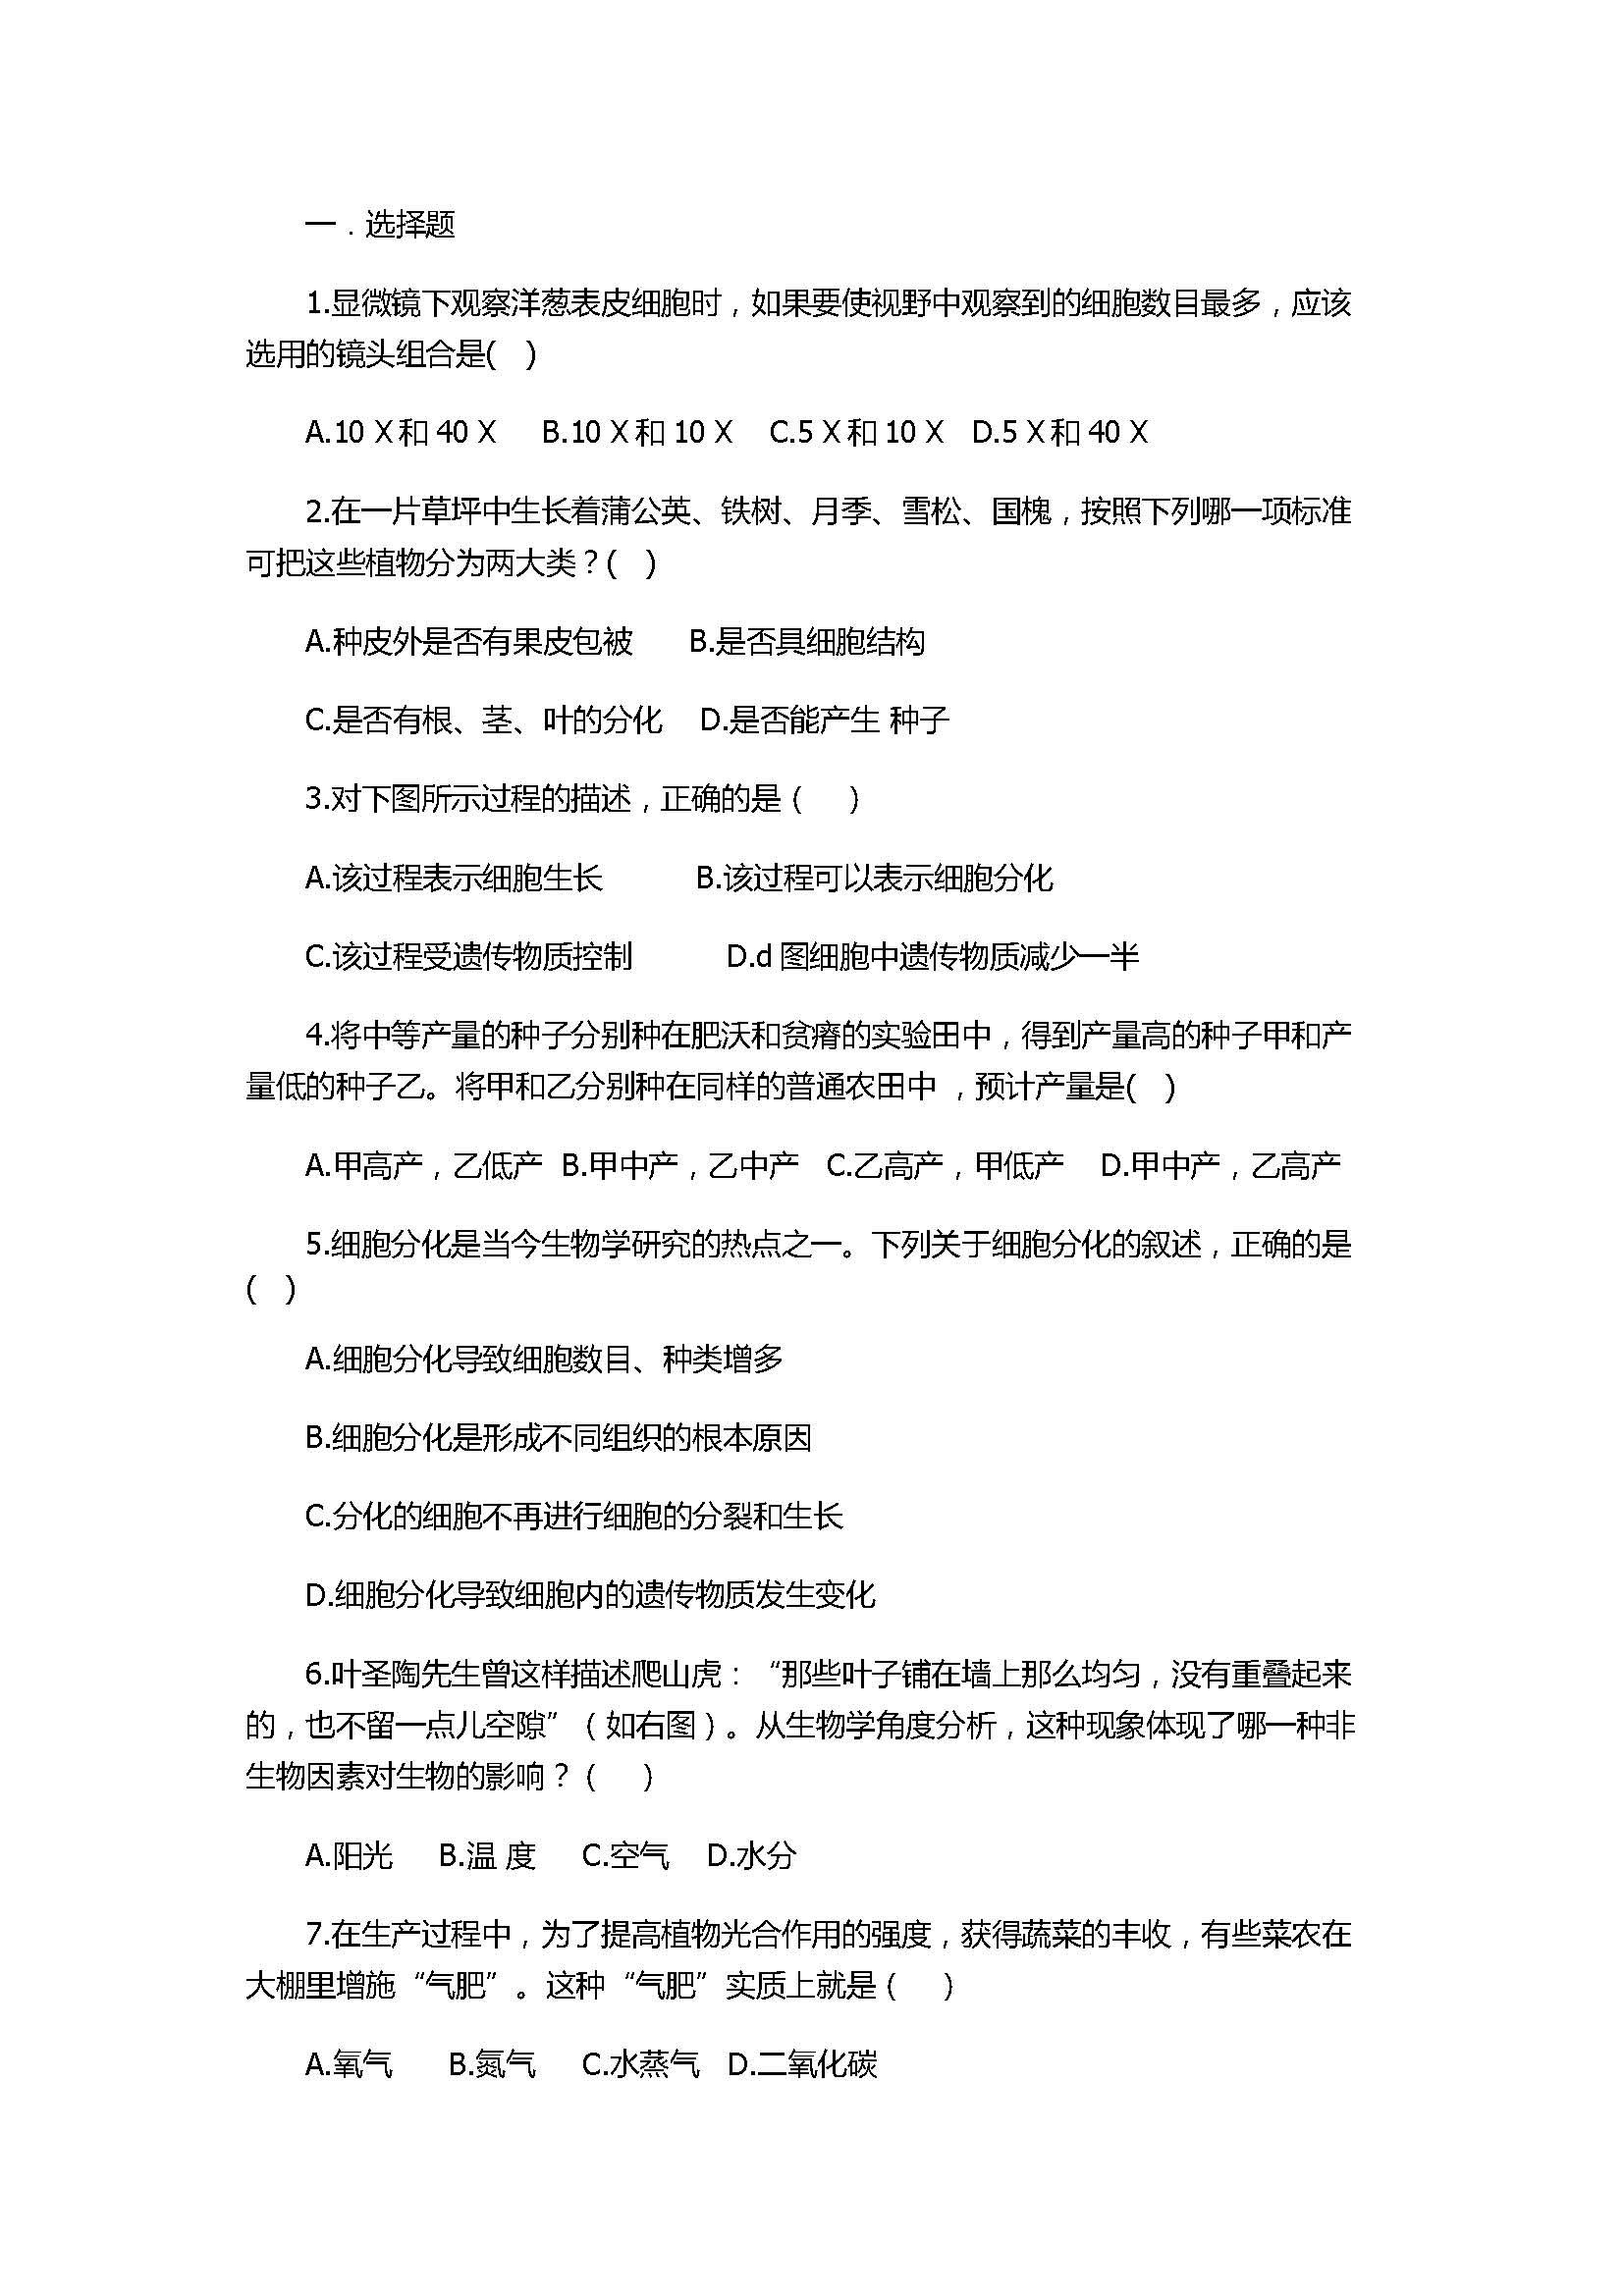 2017七年级生物期中测试题含参考答案(宁津县)